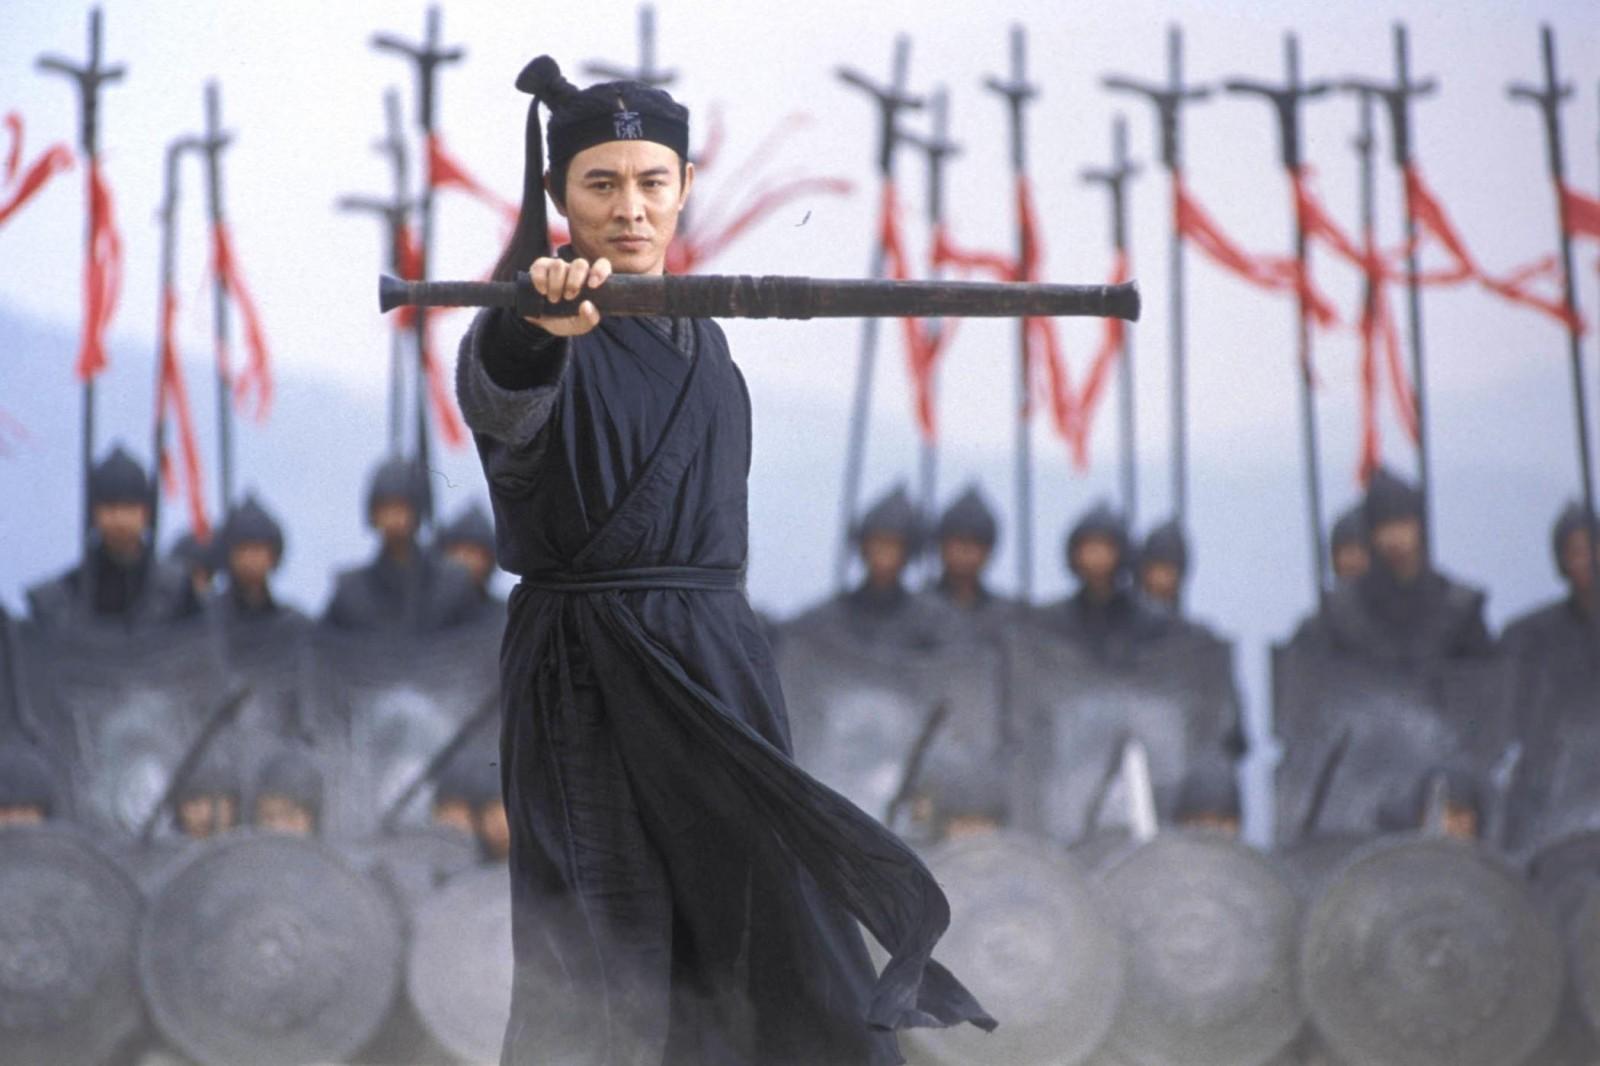 Hero, ovvero quando la regia colpisce più della spada